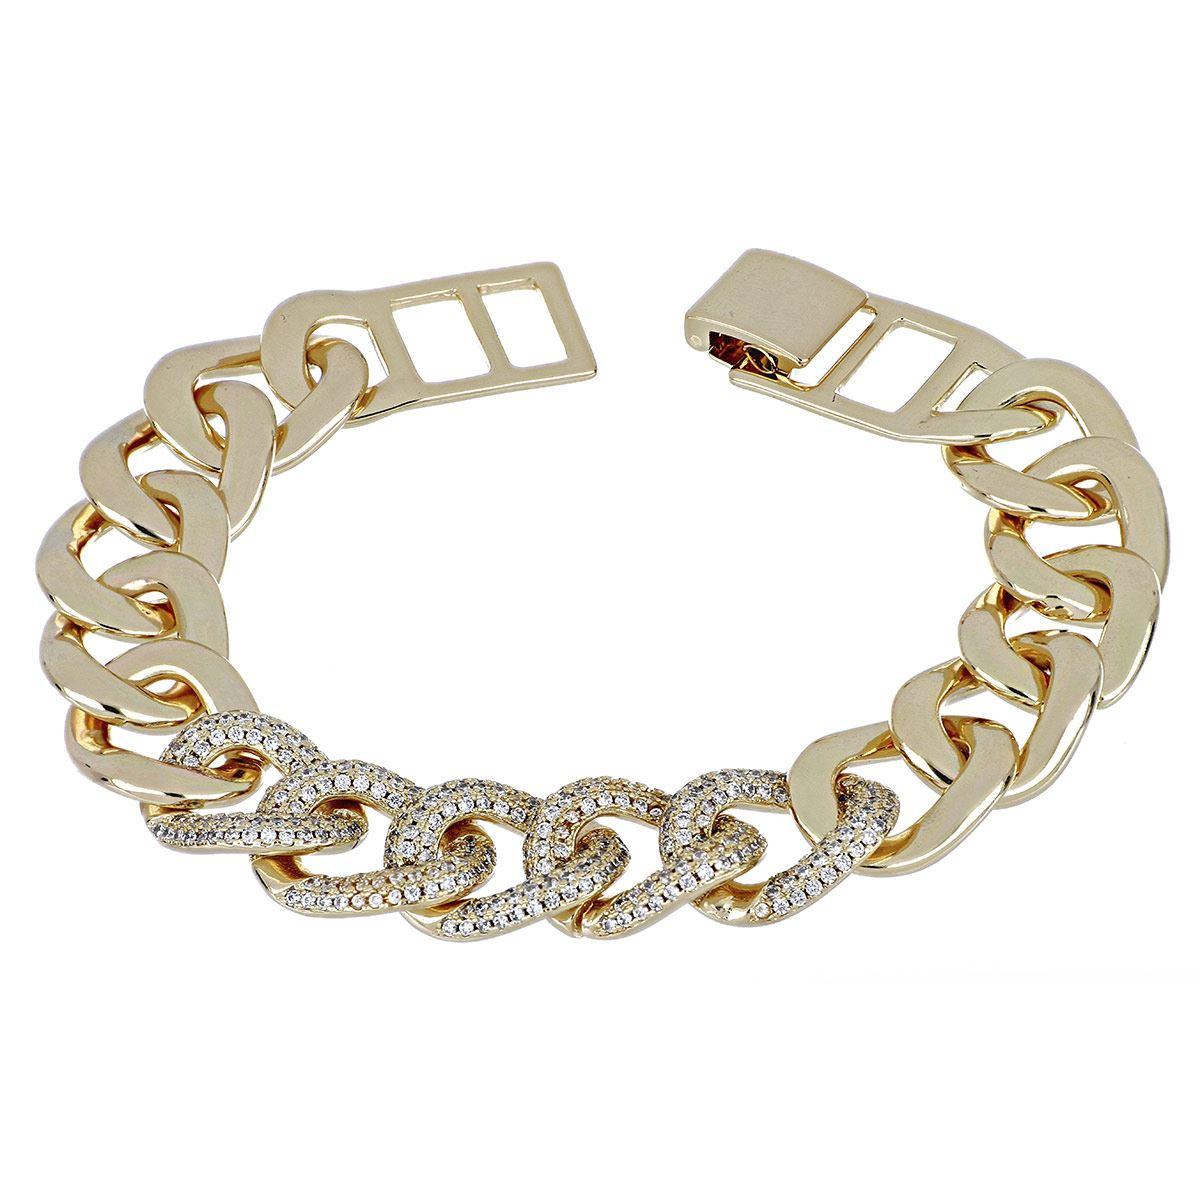 FB, Pulsera cadena de eslabon grande con circonitas  redondas cristal, con acabado en chapado oro